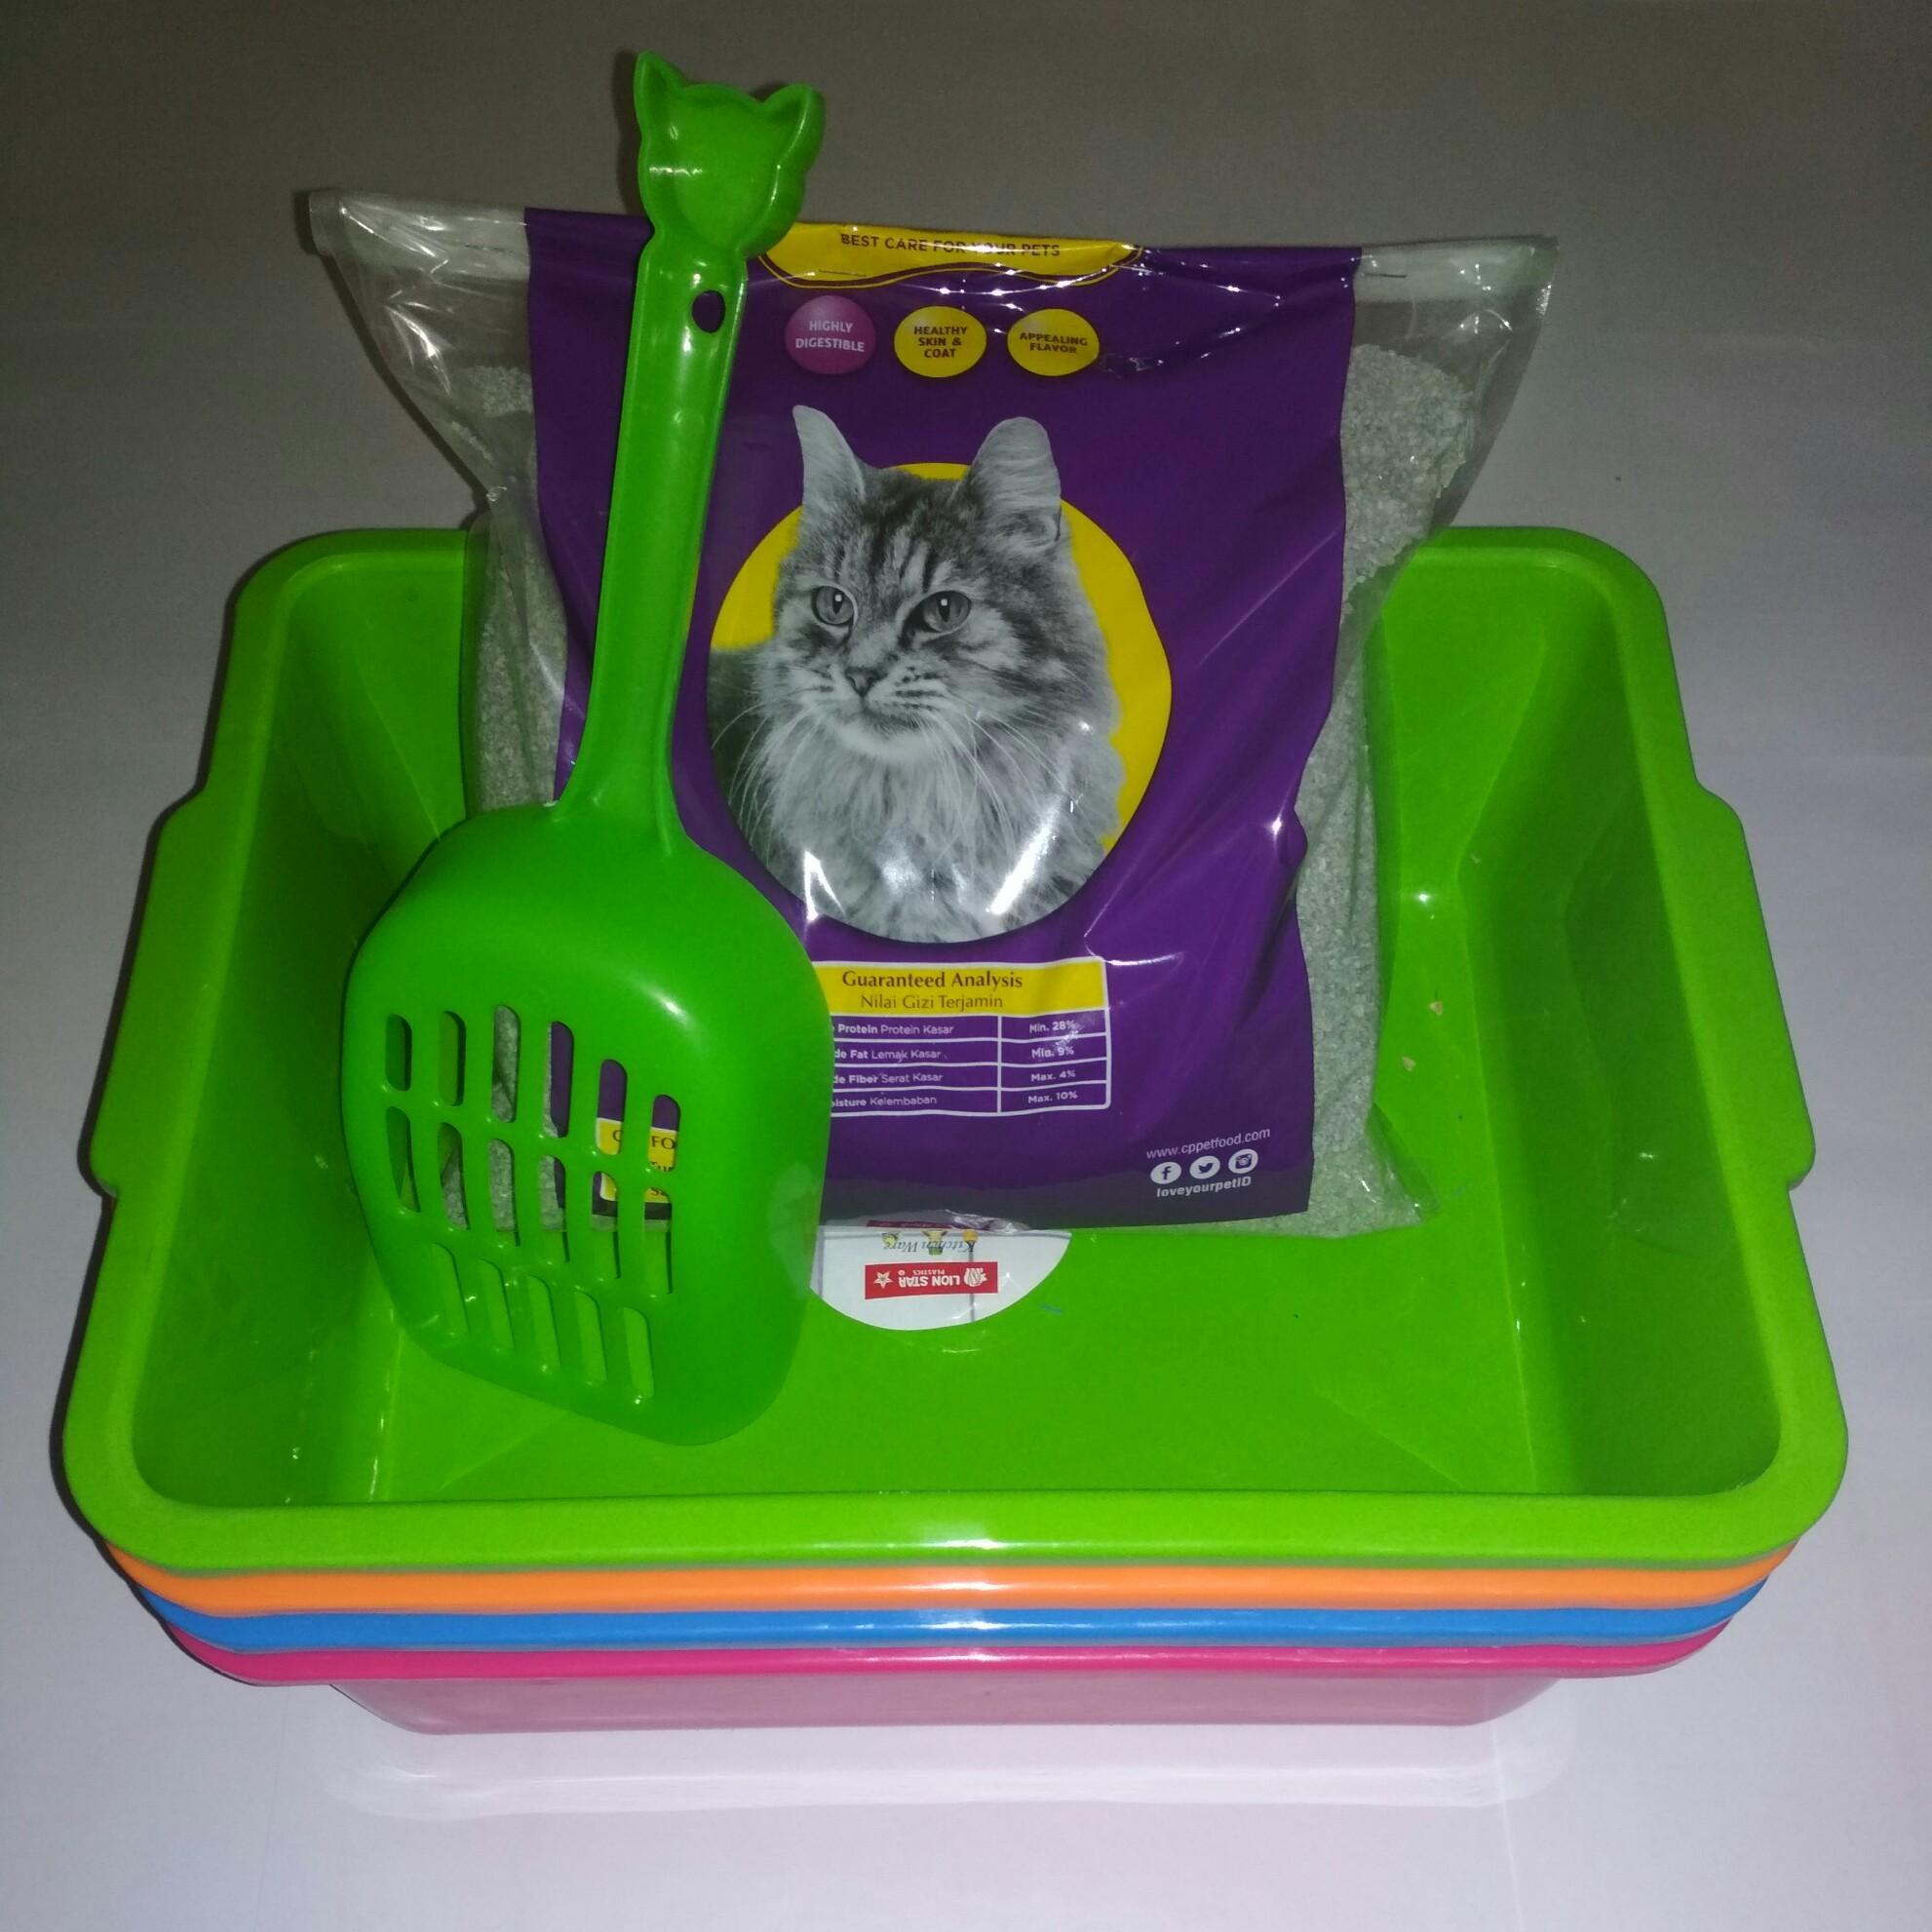 Box Tempat Pup Kucing Size M ... P 31 Cm L 24 Cm T 10 Cm Free Pasir Zeolit Kucing 2 Kg Dan Sekop/serokan Untuk Membuang Pup By Petstore Tangerang.